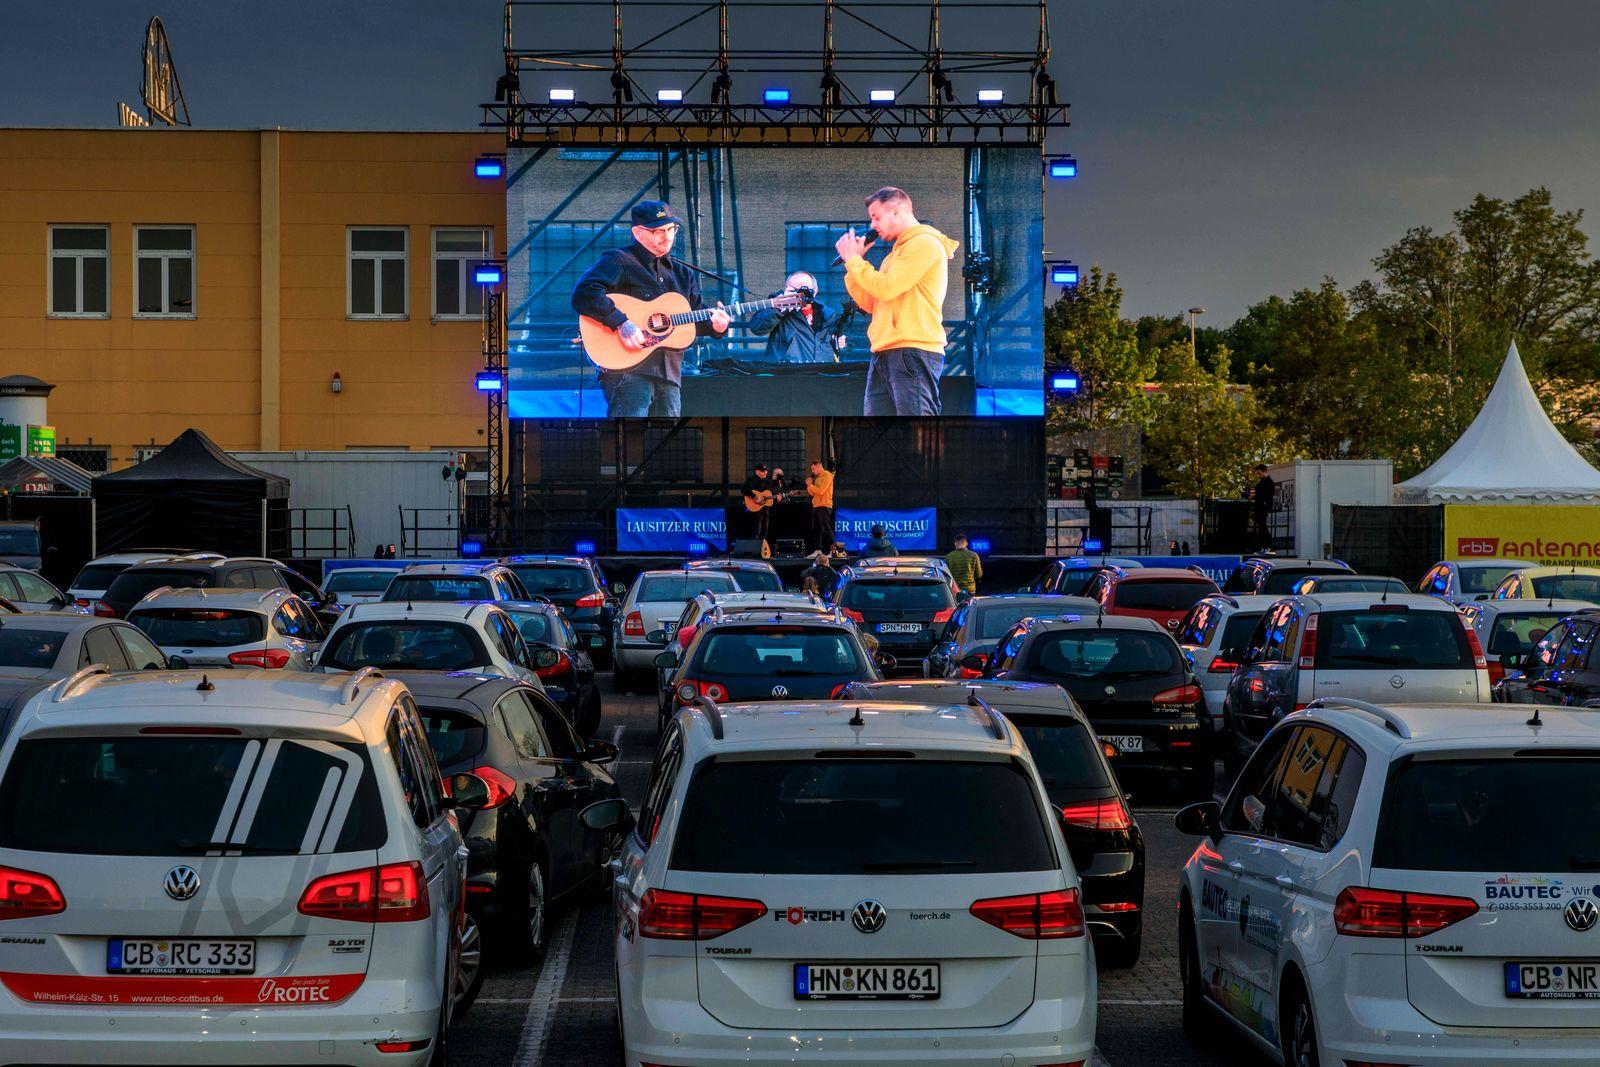 Erstmals Autokino auch in Cottbus DEU/Brandenburg/Cottbus Seit diesem Mittwoch gibt es auch in Cottbus ein Autokino,